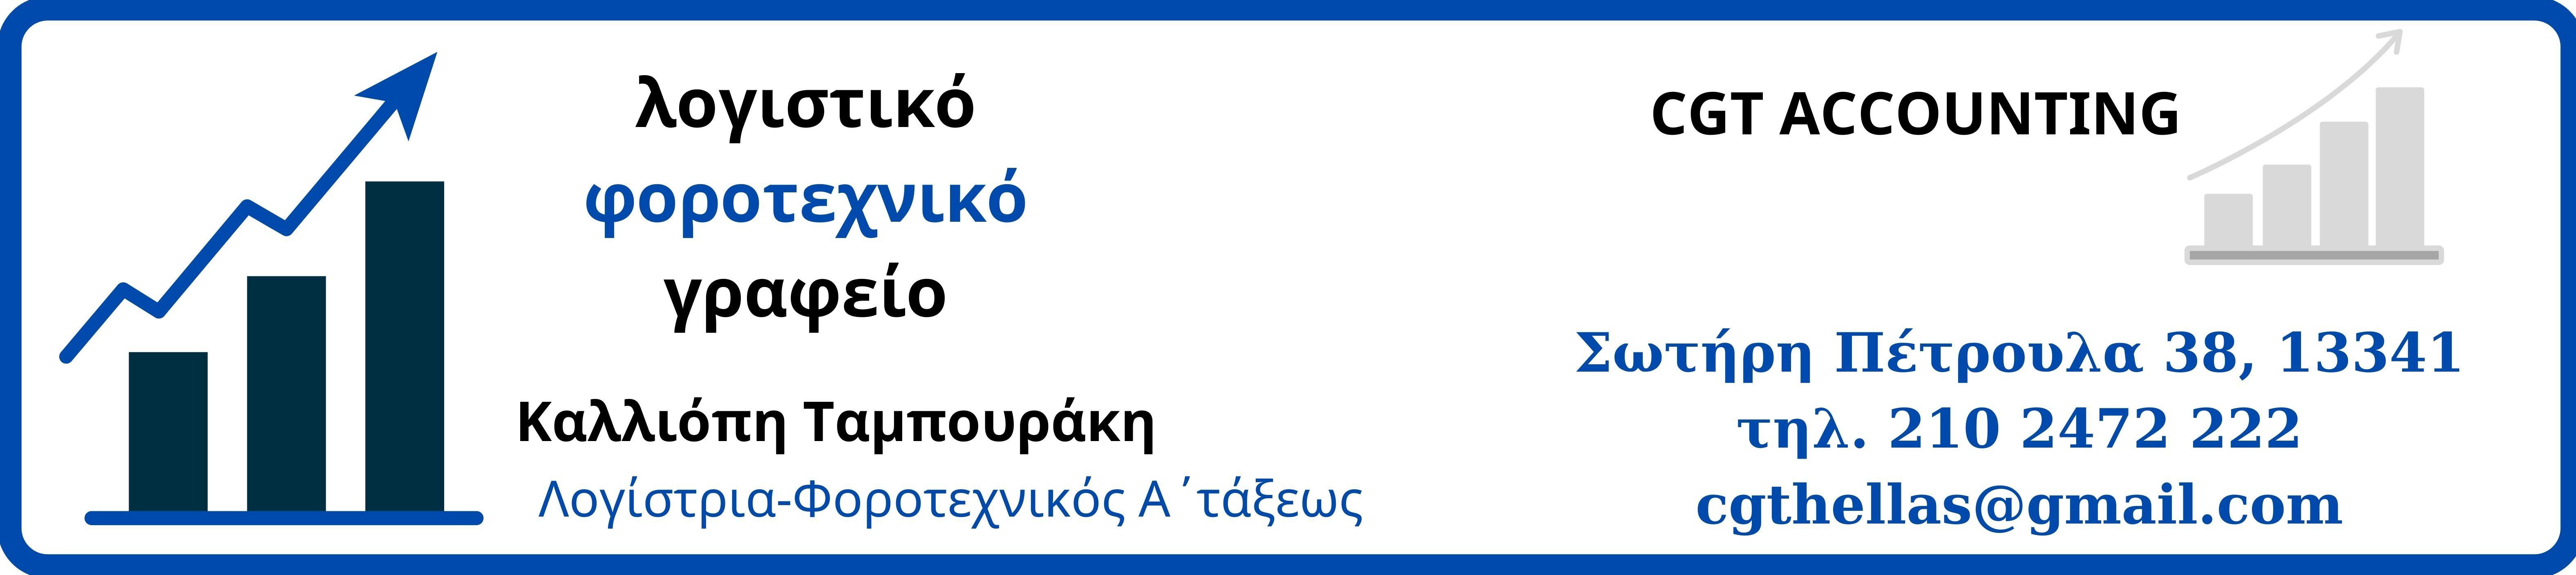 reklama-tabouraki.jpg